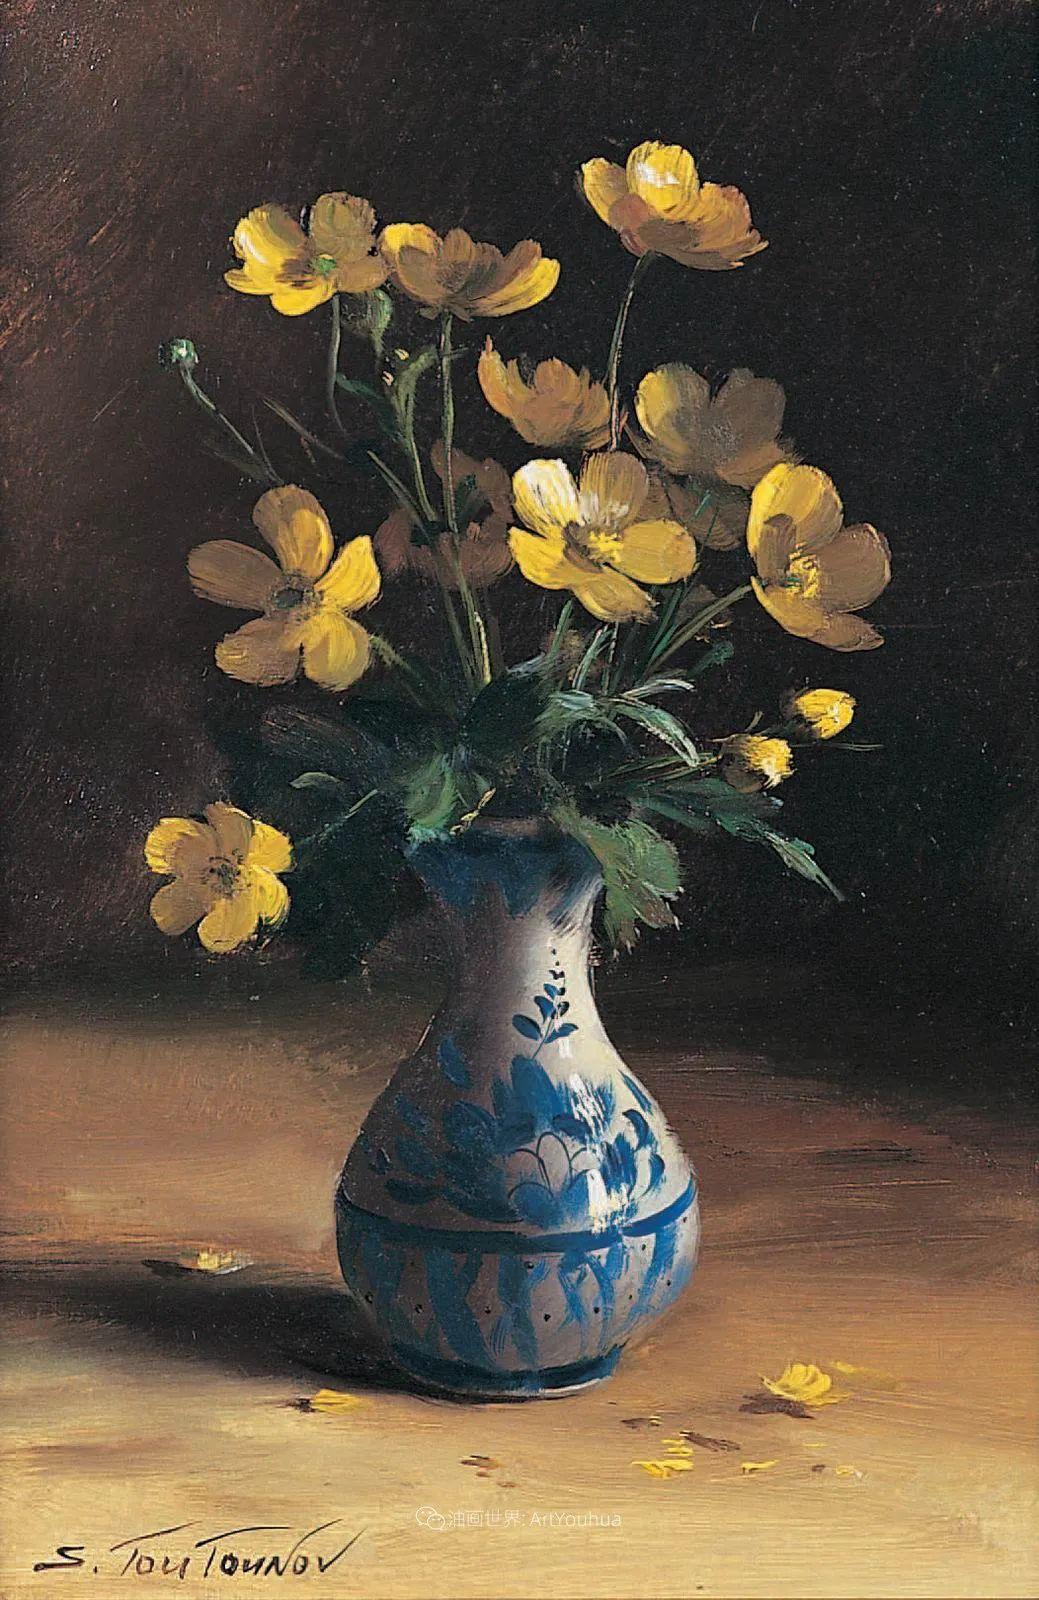 花香袭人,绚丽多彩!俄罗斯画家谢尔盖·图图诺夫插图79